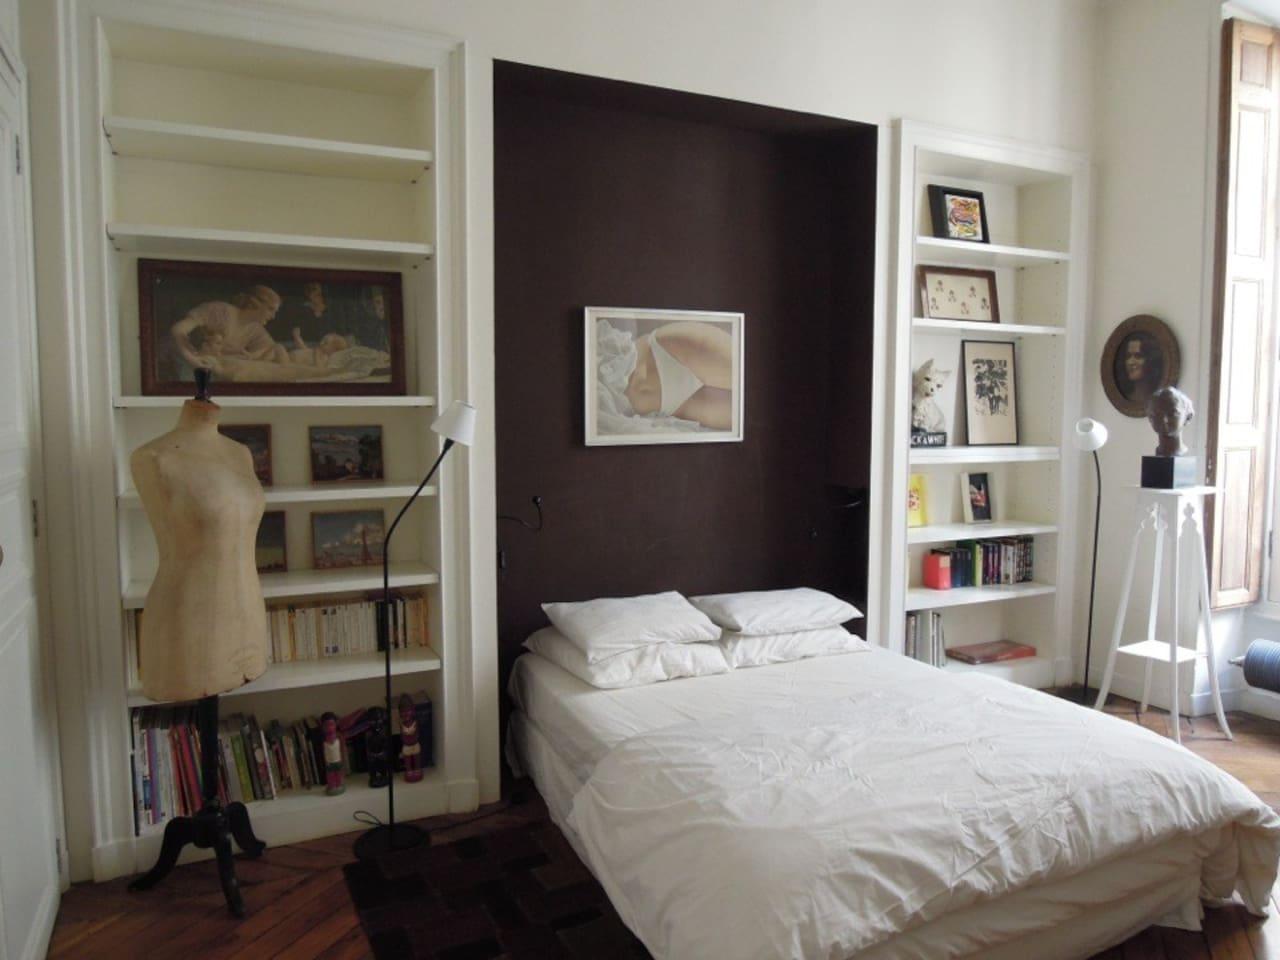 airbnb apartment rental in Paris